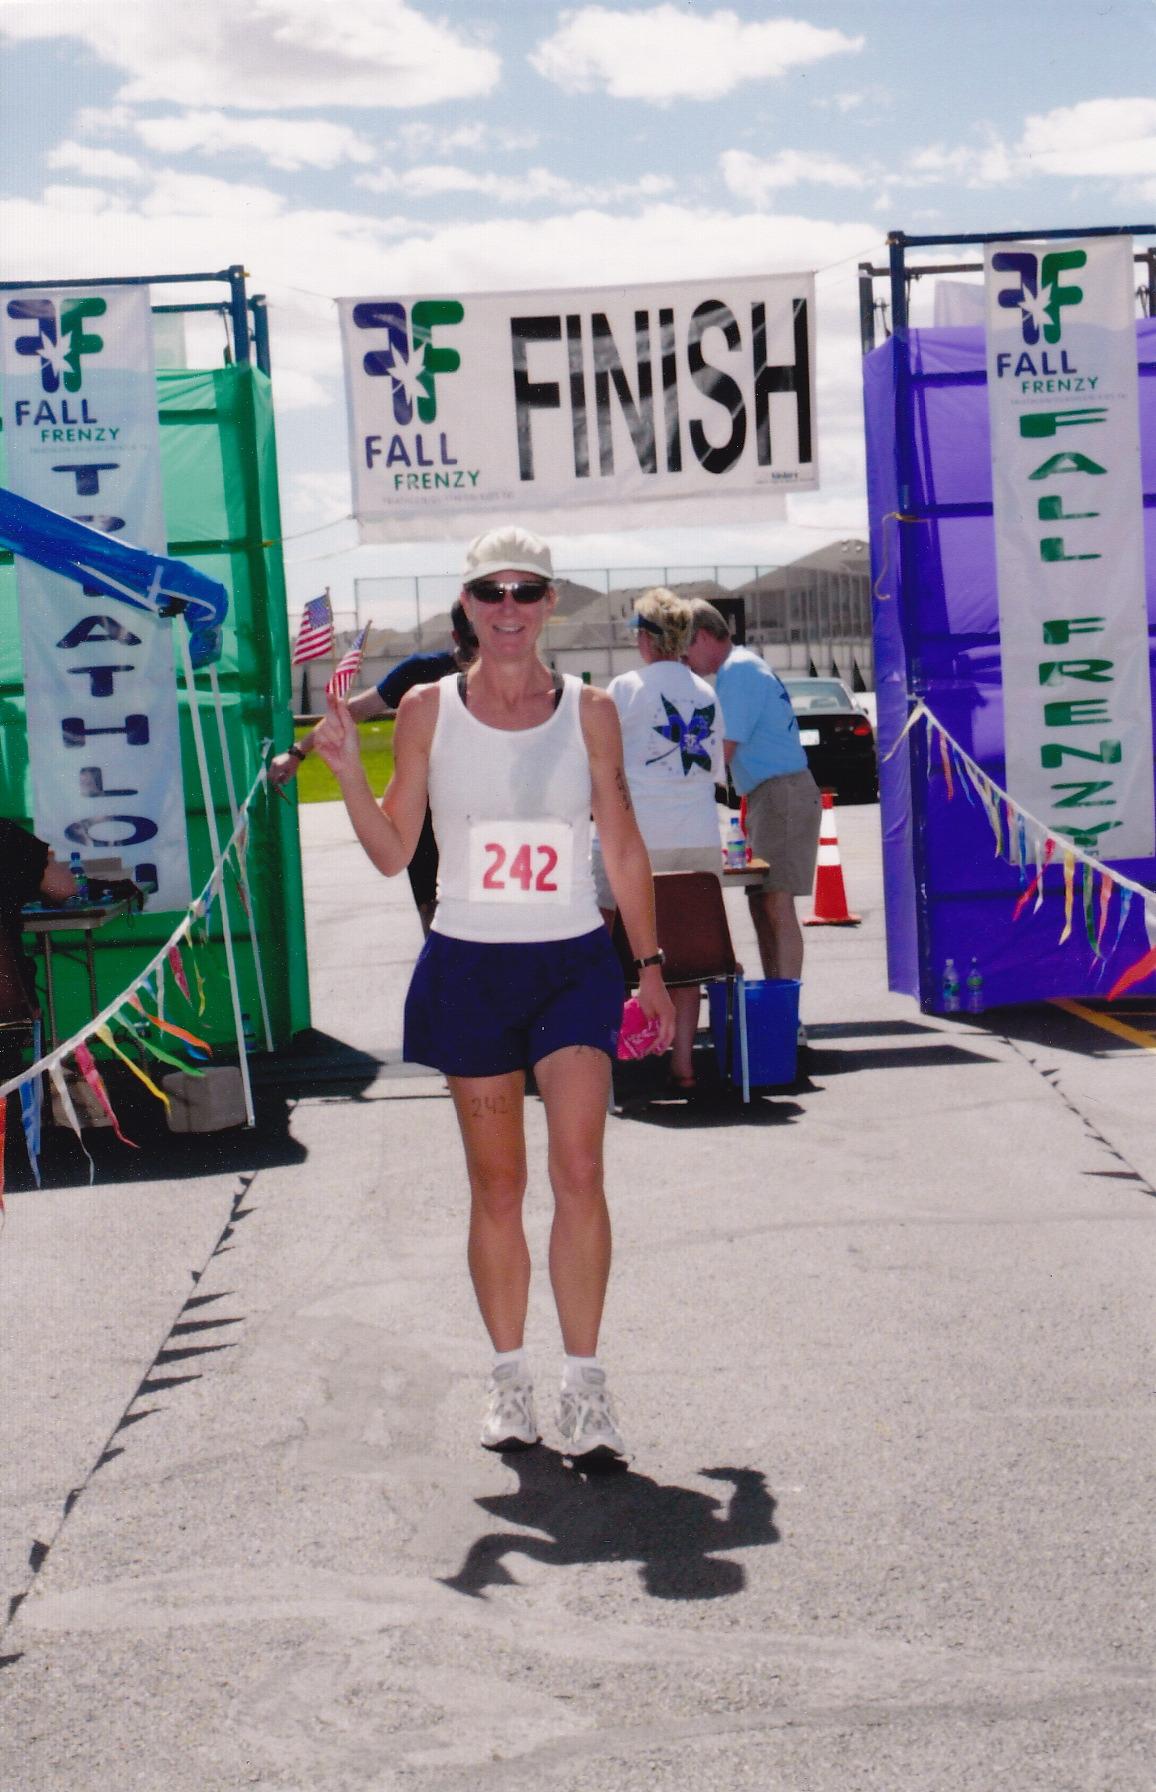 Triathlon in Denver 2002 - Finish!